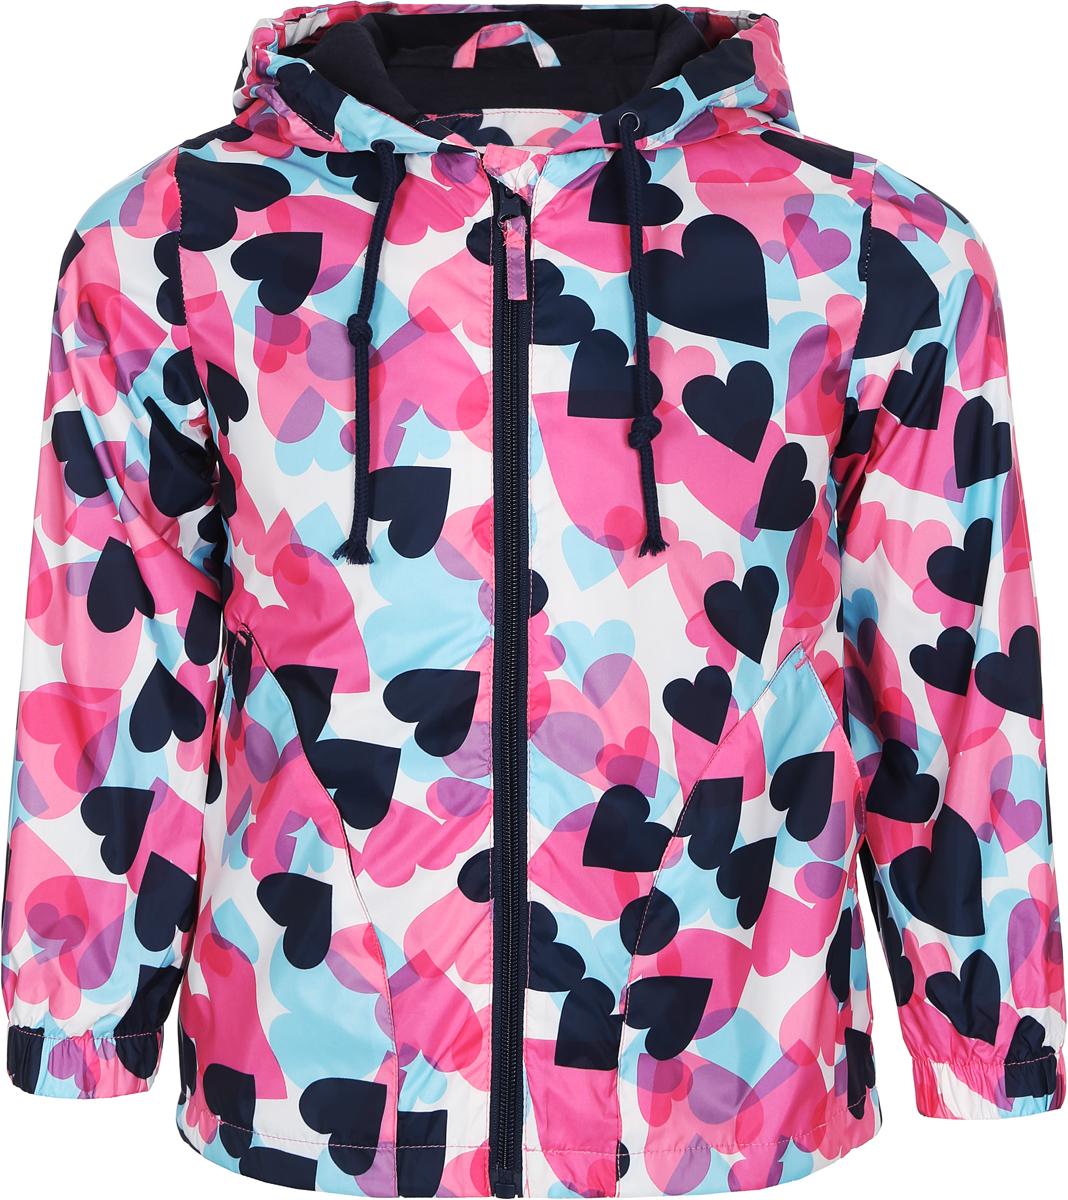 Куртка для девочки Sela, цвет: белый, розовый, голубой. CWB-526/658-8263. Размер 98, 3 годаCWB-526/658-8263Яркая куртка для девочки от Sela изготовлена из полиэстера с подкладкой из мягкого хлопка. Куртка застегивается на пластиковую застежку-молнию. У модели предусмотрены два втачных кармана. Капюшон оснащен затягивающимся шнурком со стопперами. Манжеты рукавов дополнены вшитыми резинками. Изделие оформлено принтом в виде разноцветных сердечек.